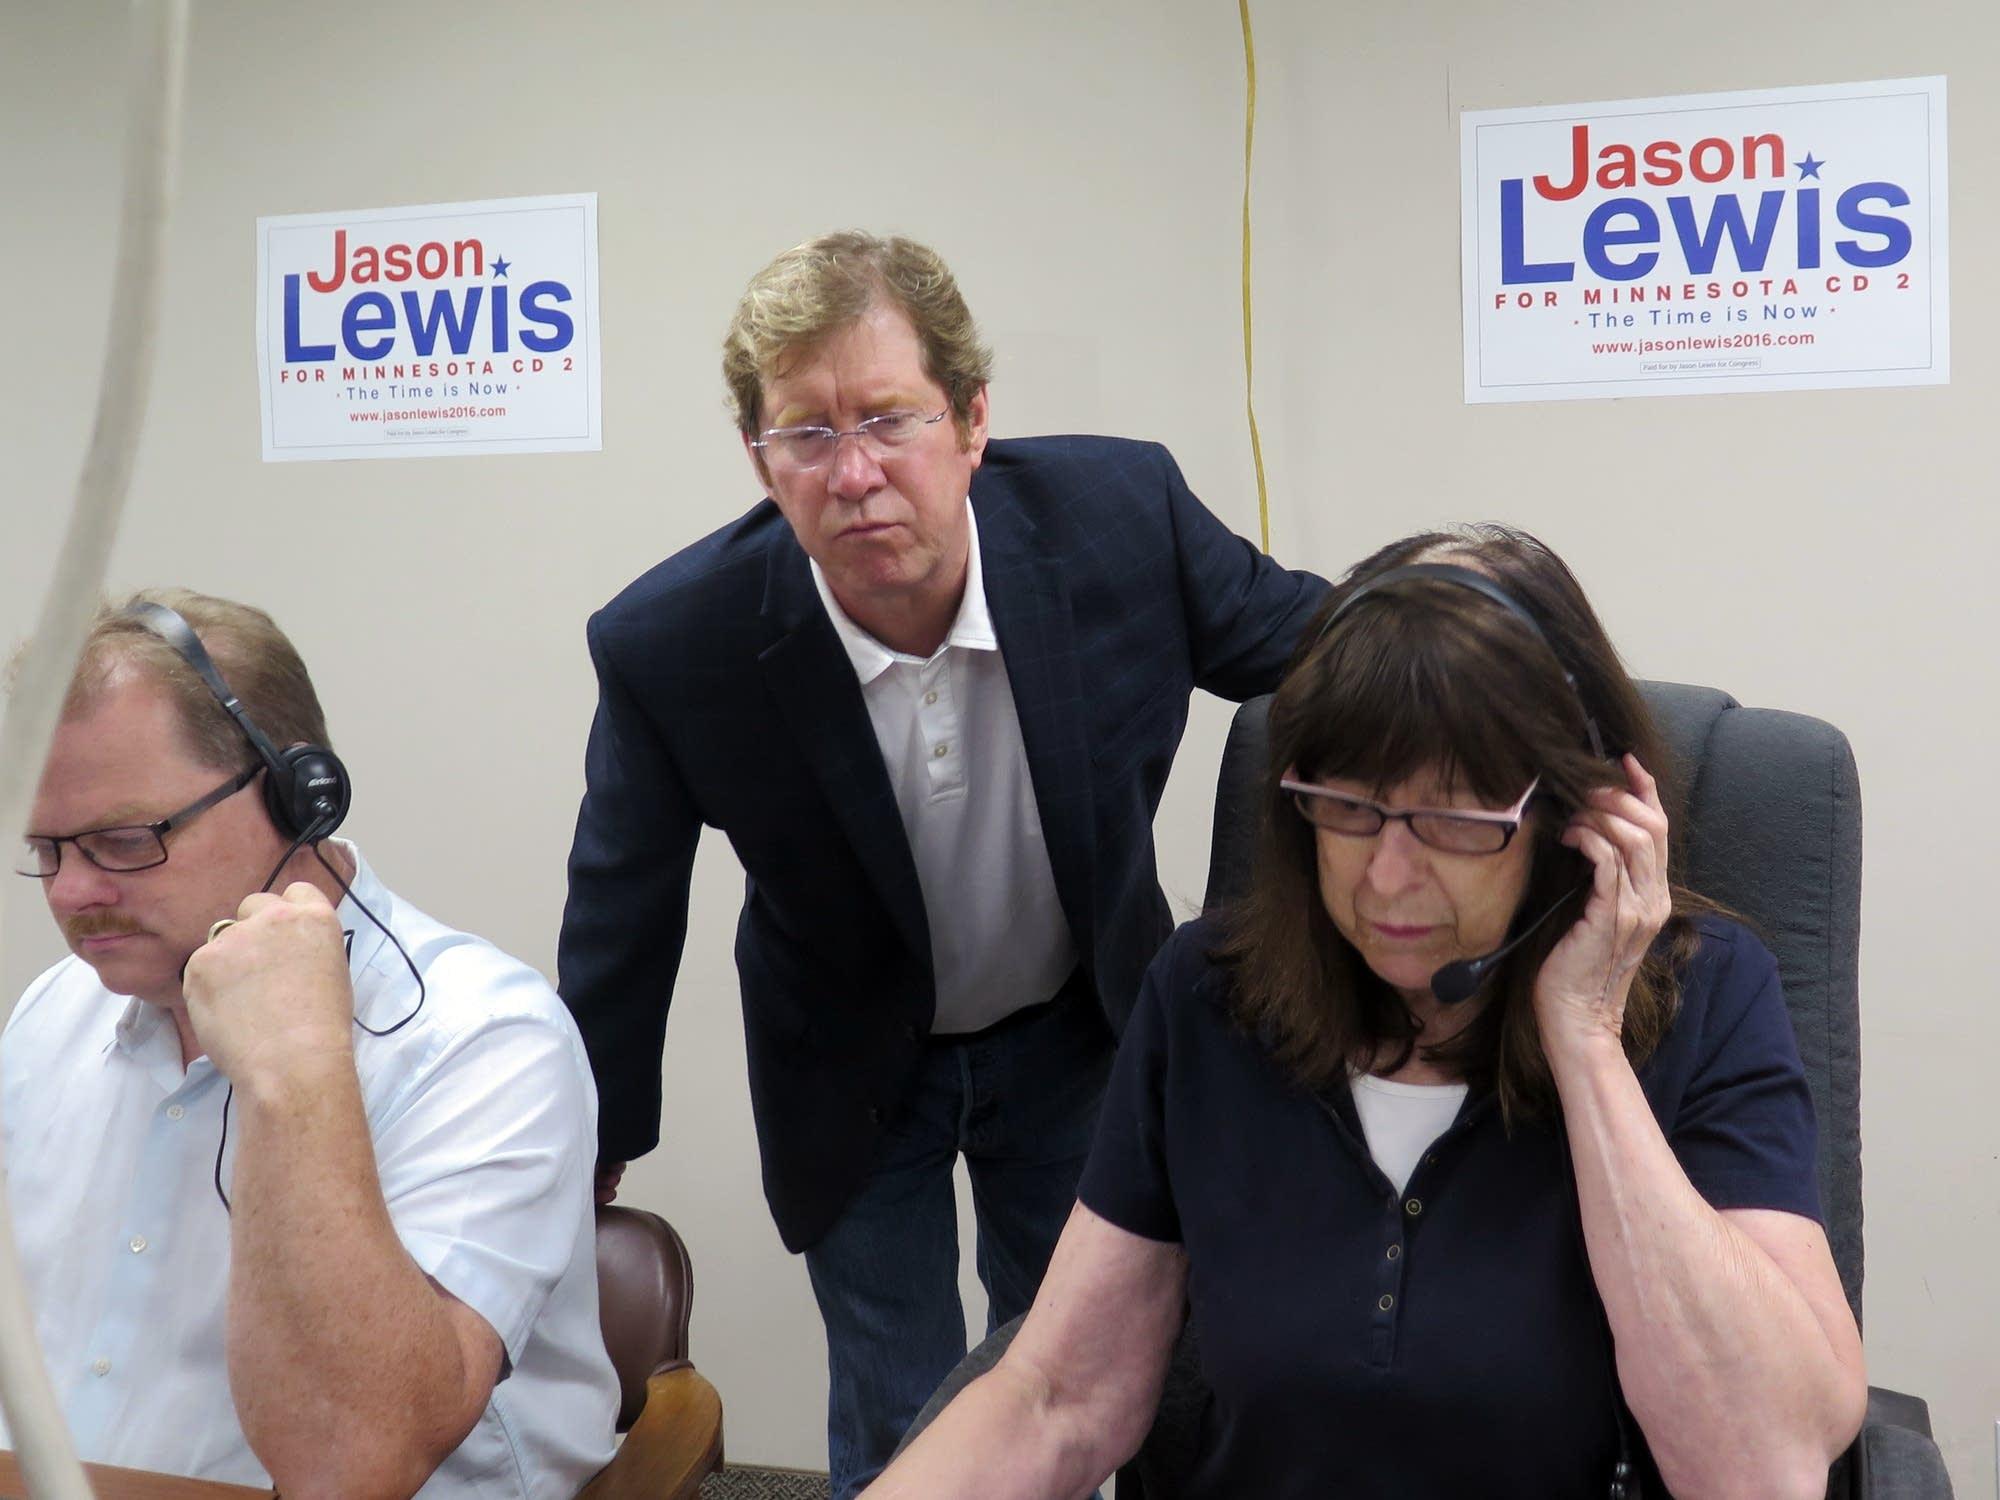 Jason Lewis with volunteers